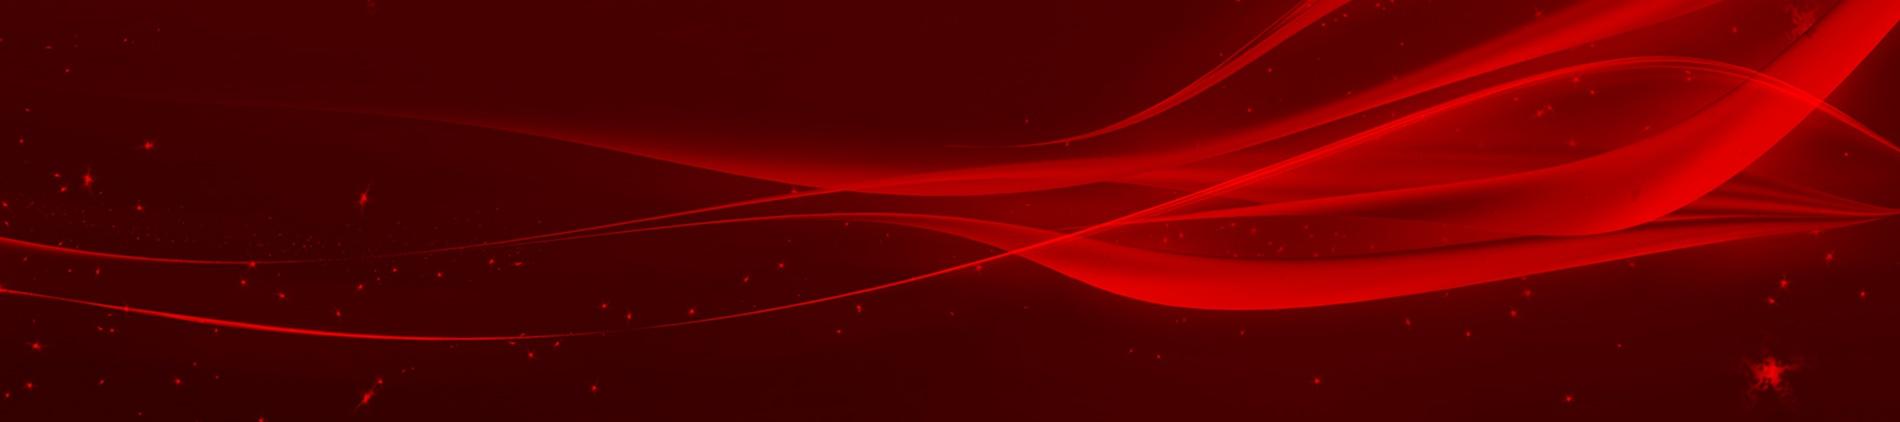 csm_Header_Products.jpg